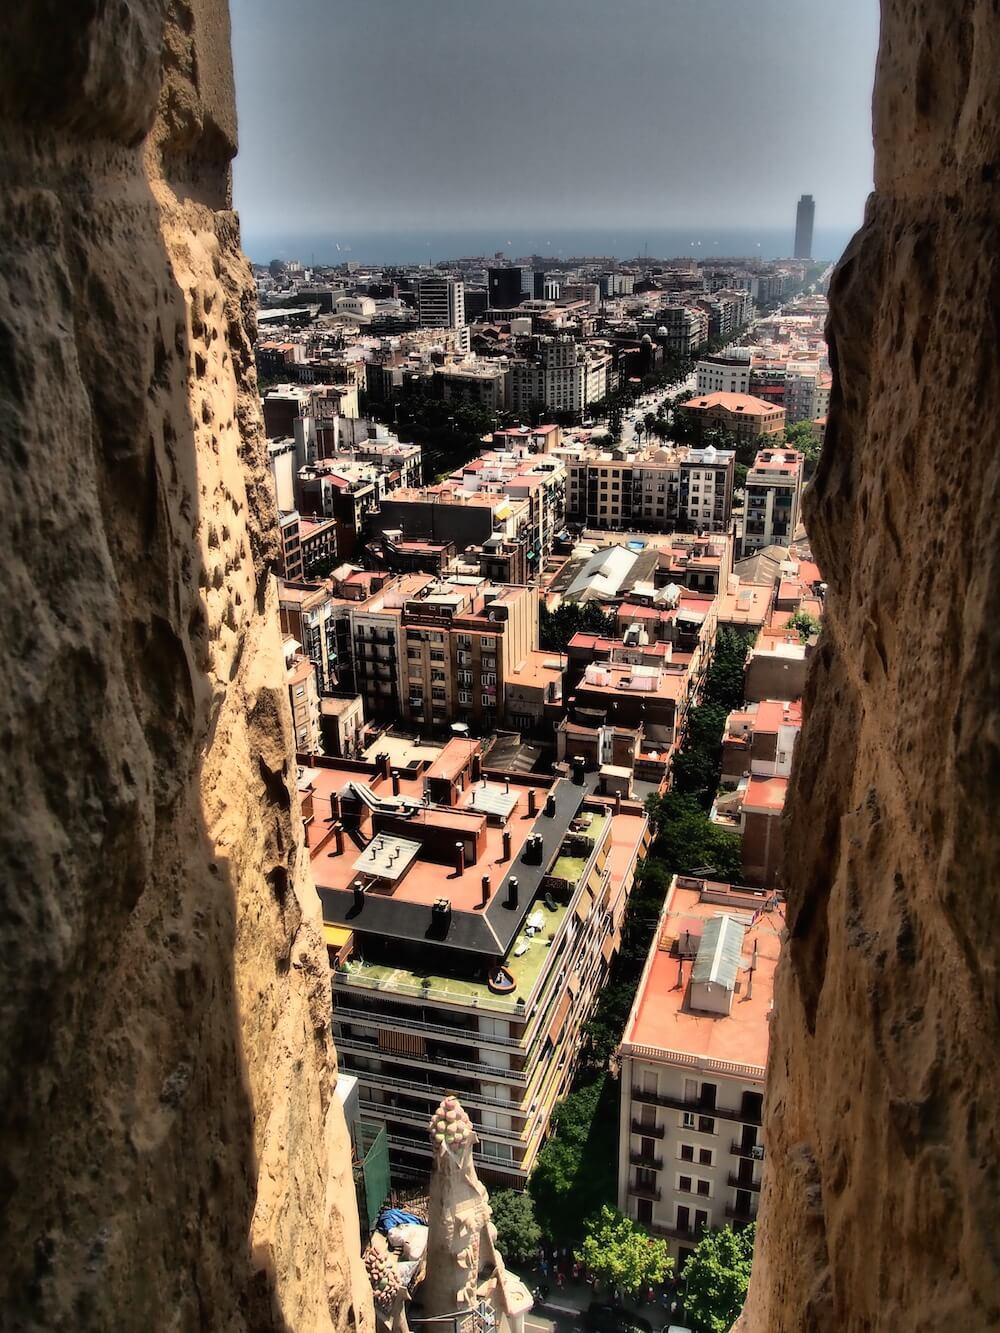 The towers of the Sagrada Familia